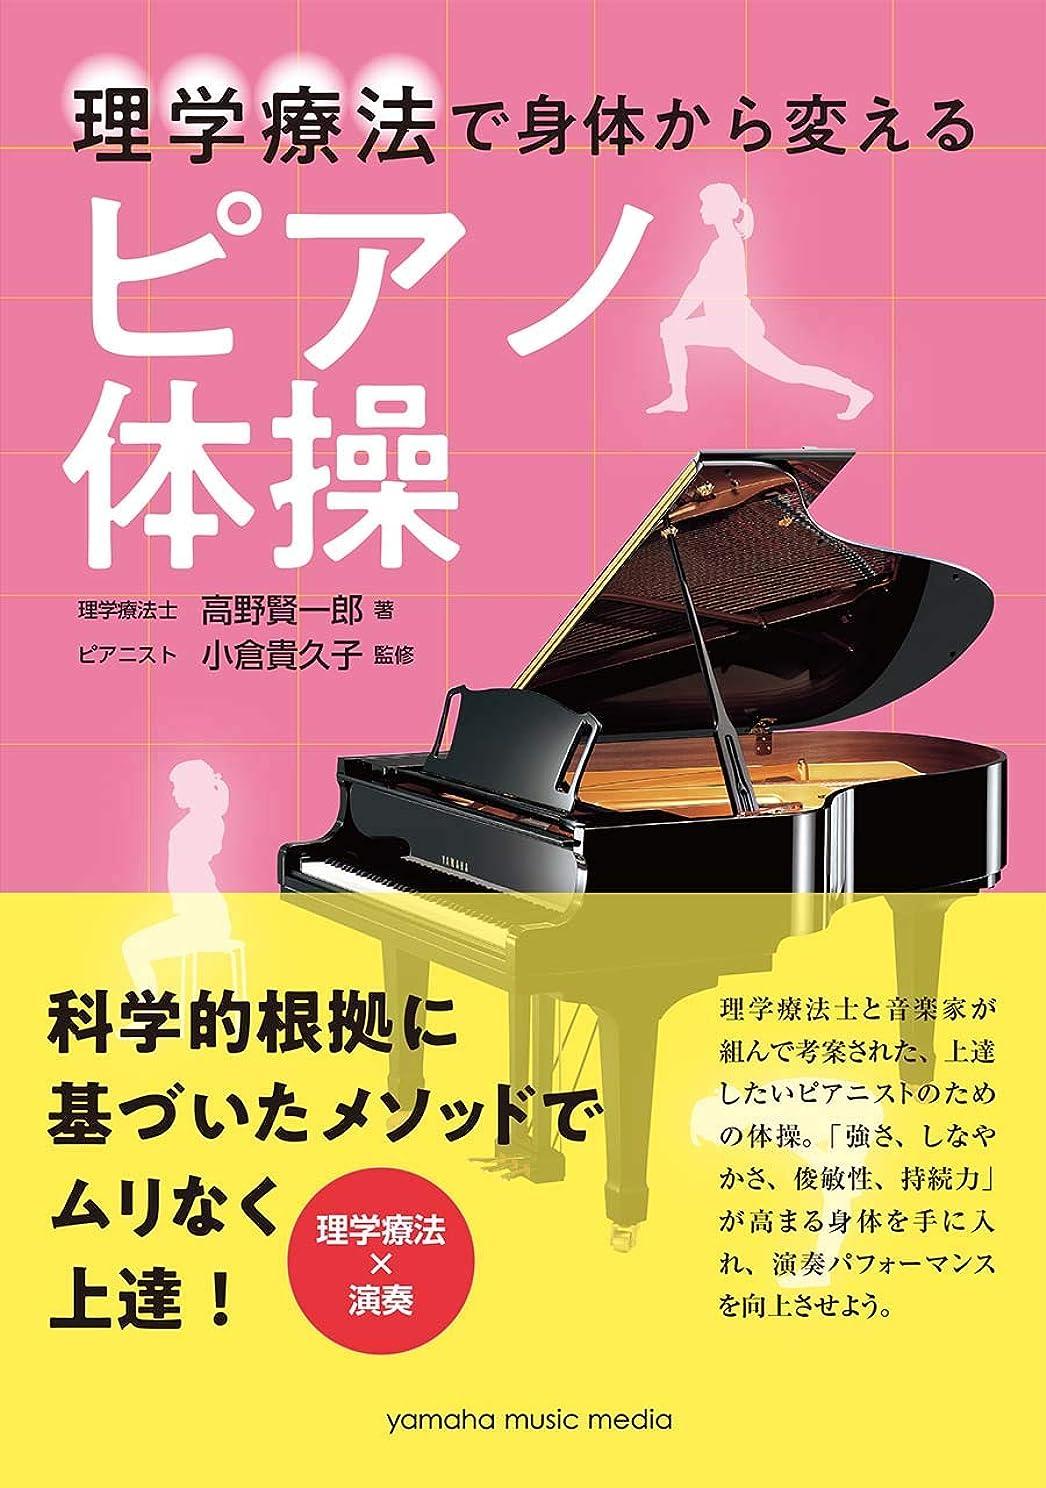 七時半吐き出す真っ逆さま理学療法で身体から変える ピアノ体操